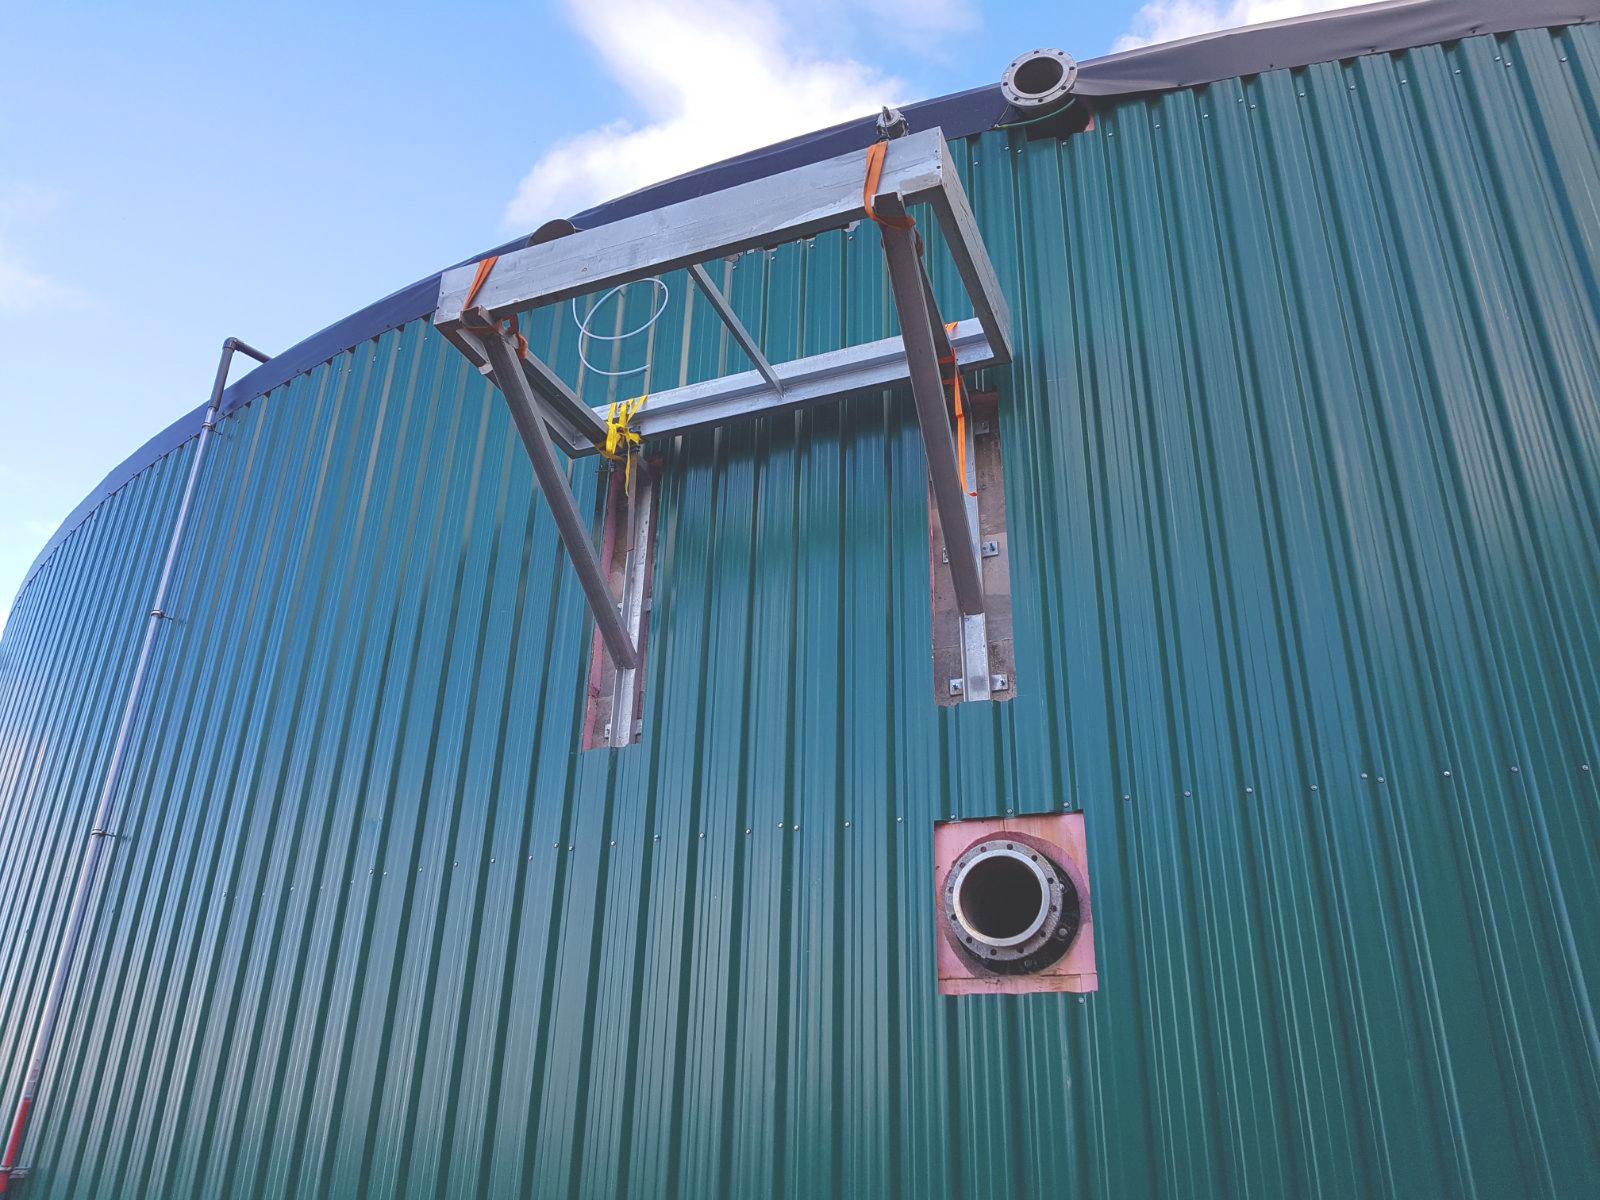 03 Escaleras y Plataformas-Planta de Biogás de 1MW en Stracathro Reino Unido